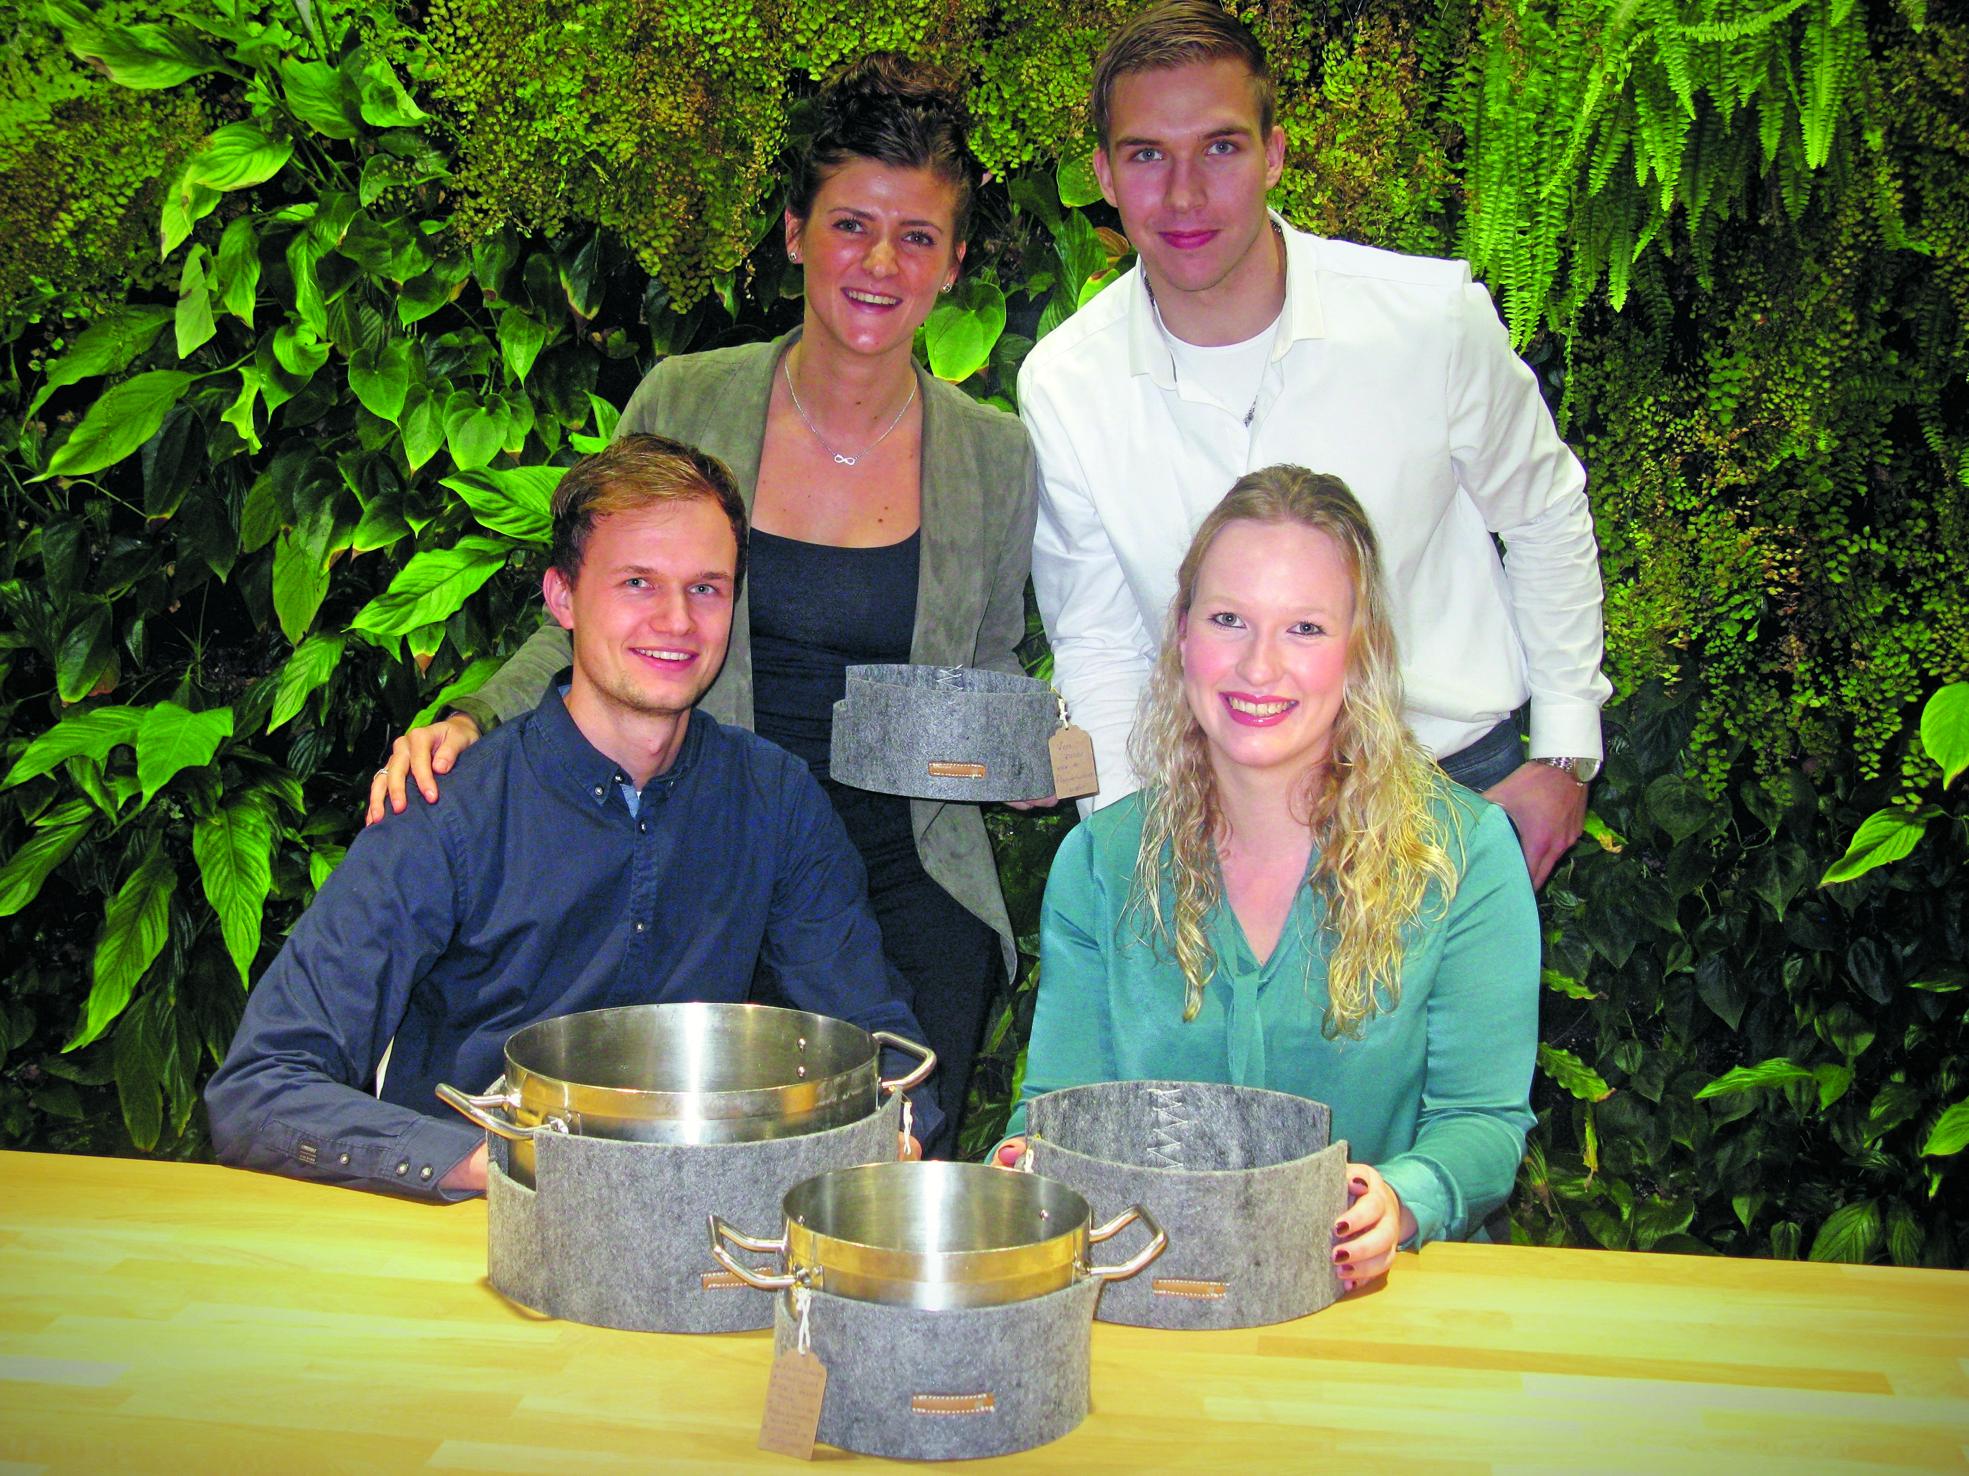 De bedenkers van de pannenwand: Maud (lb), Pieter (rb), Martijn en Merel.